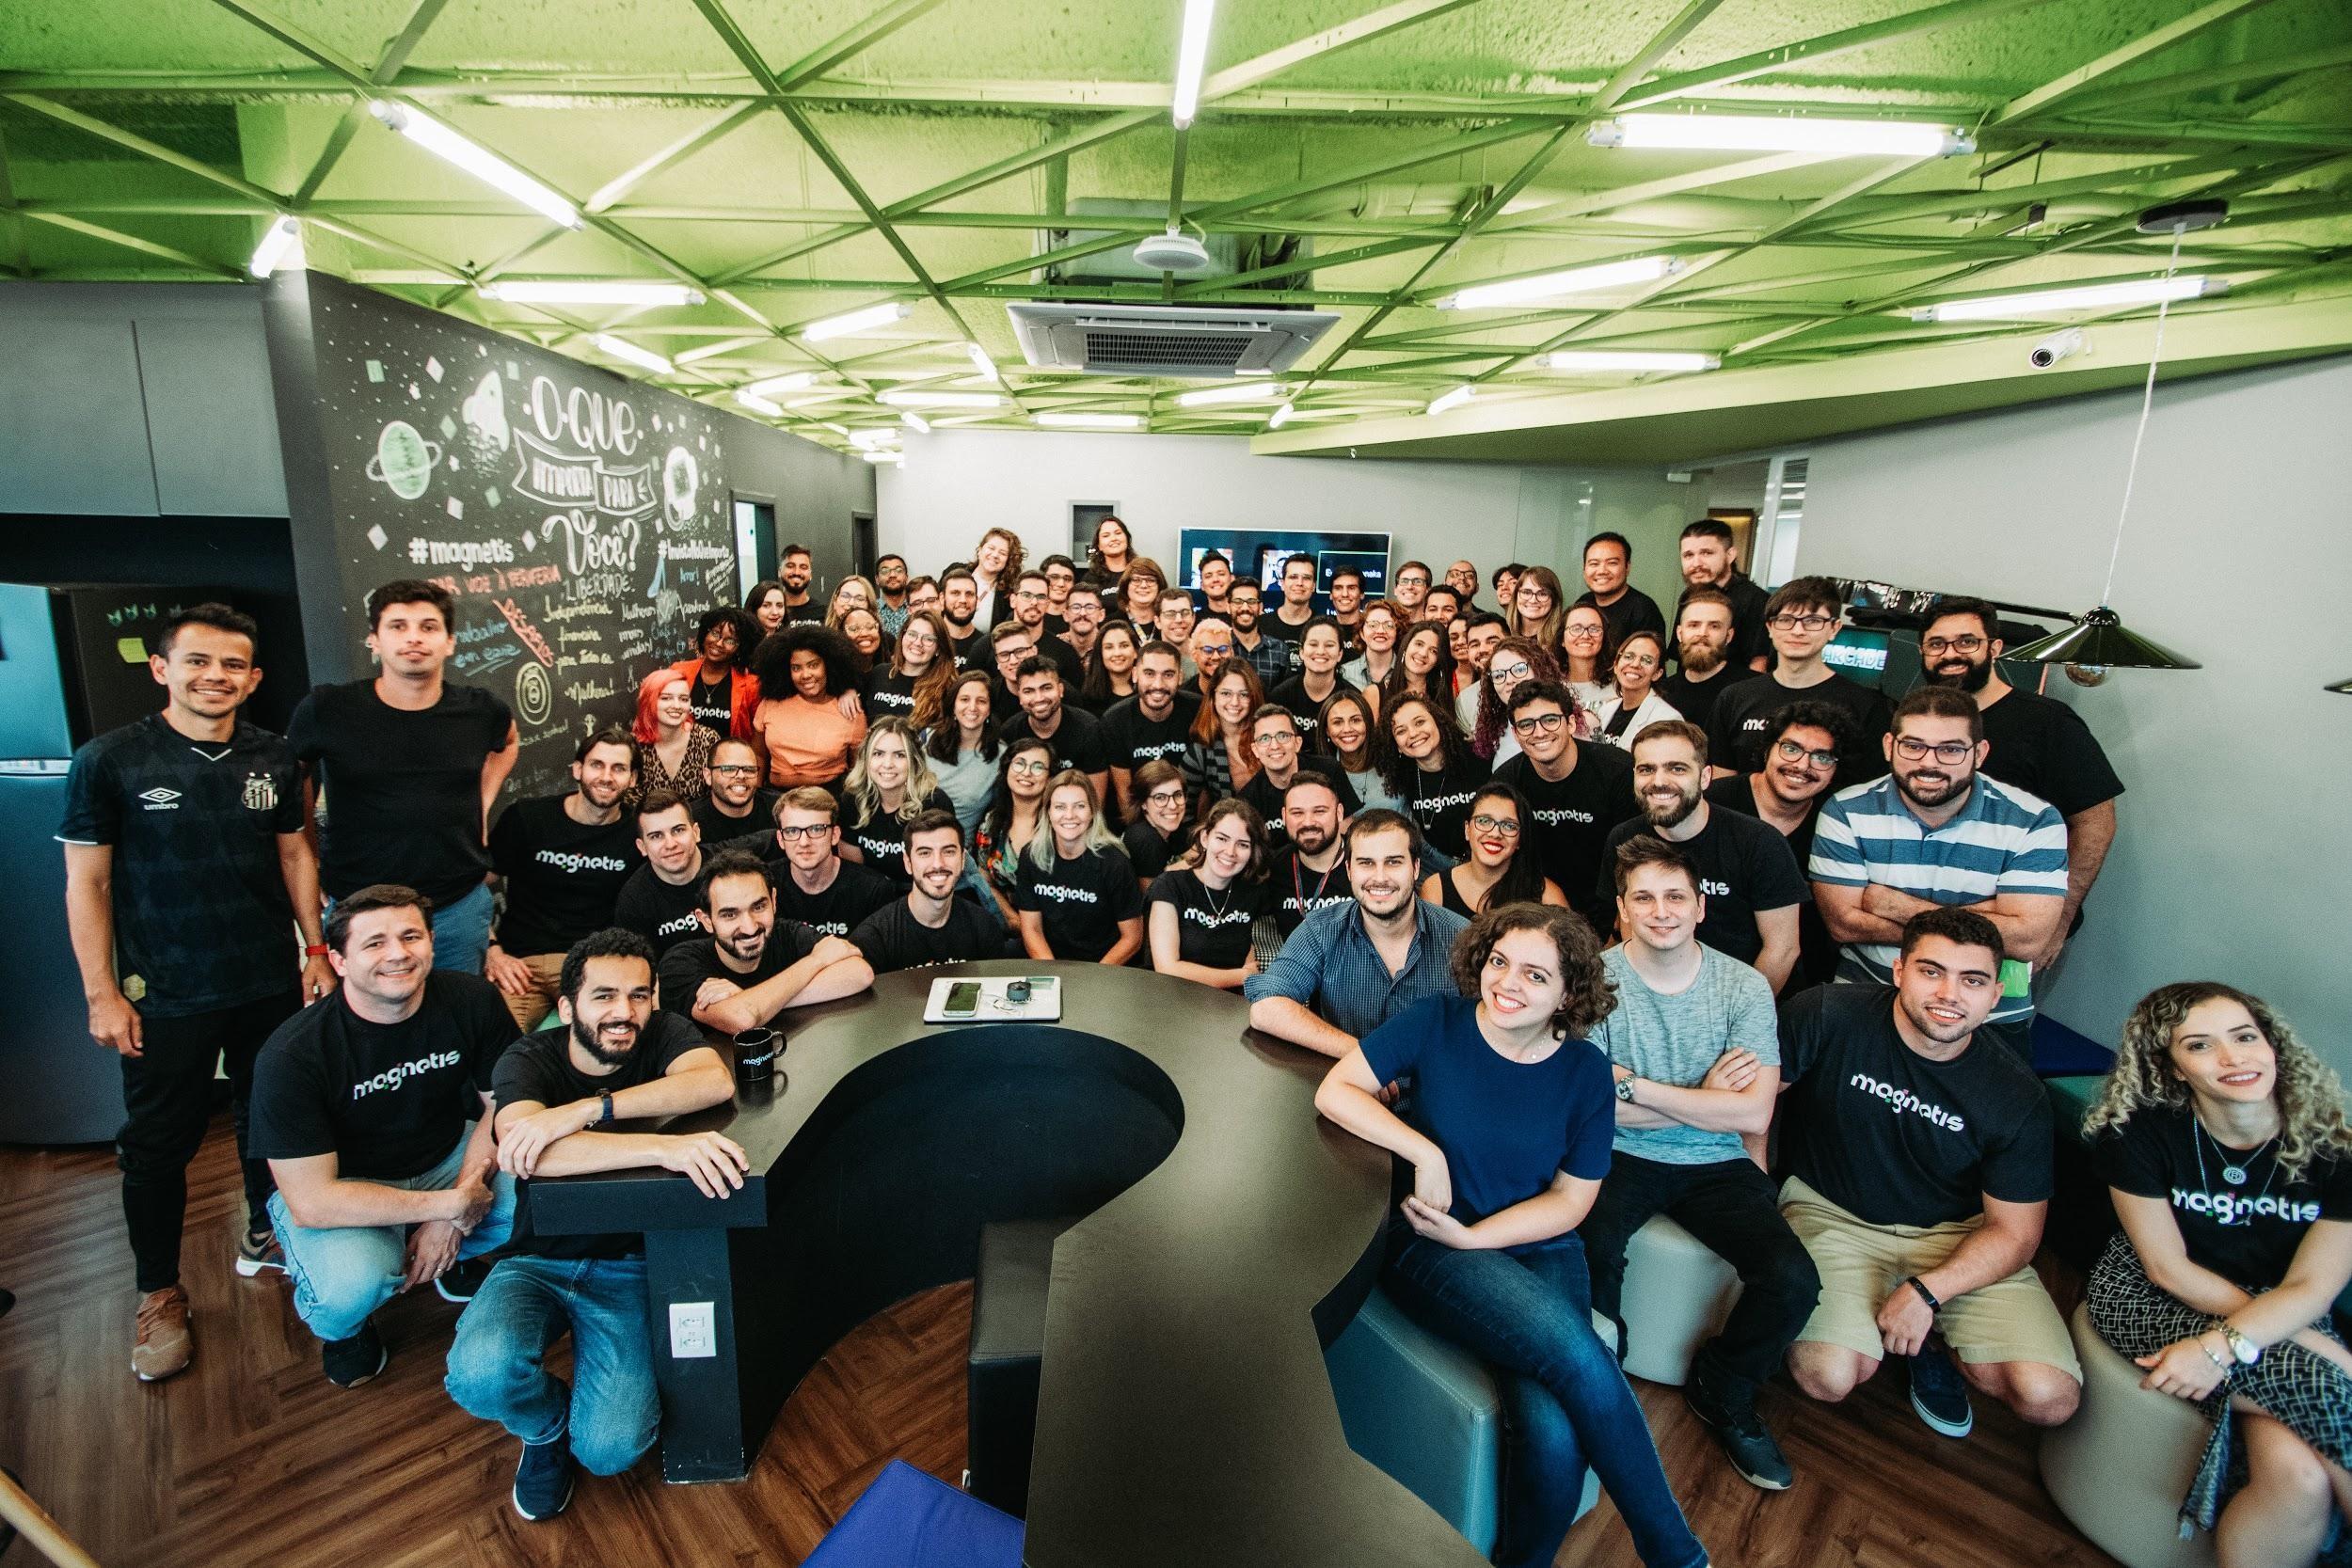 Grupo de pessoas funcionários da empresa posando para foto em uma sala ampla